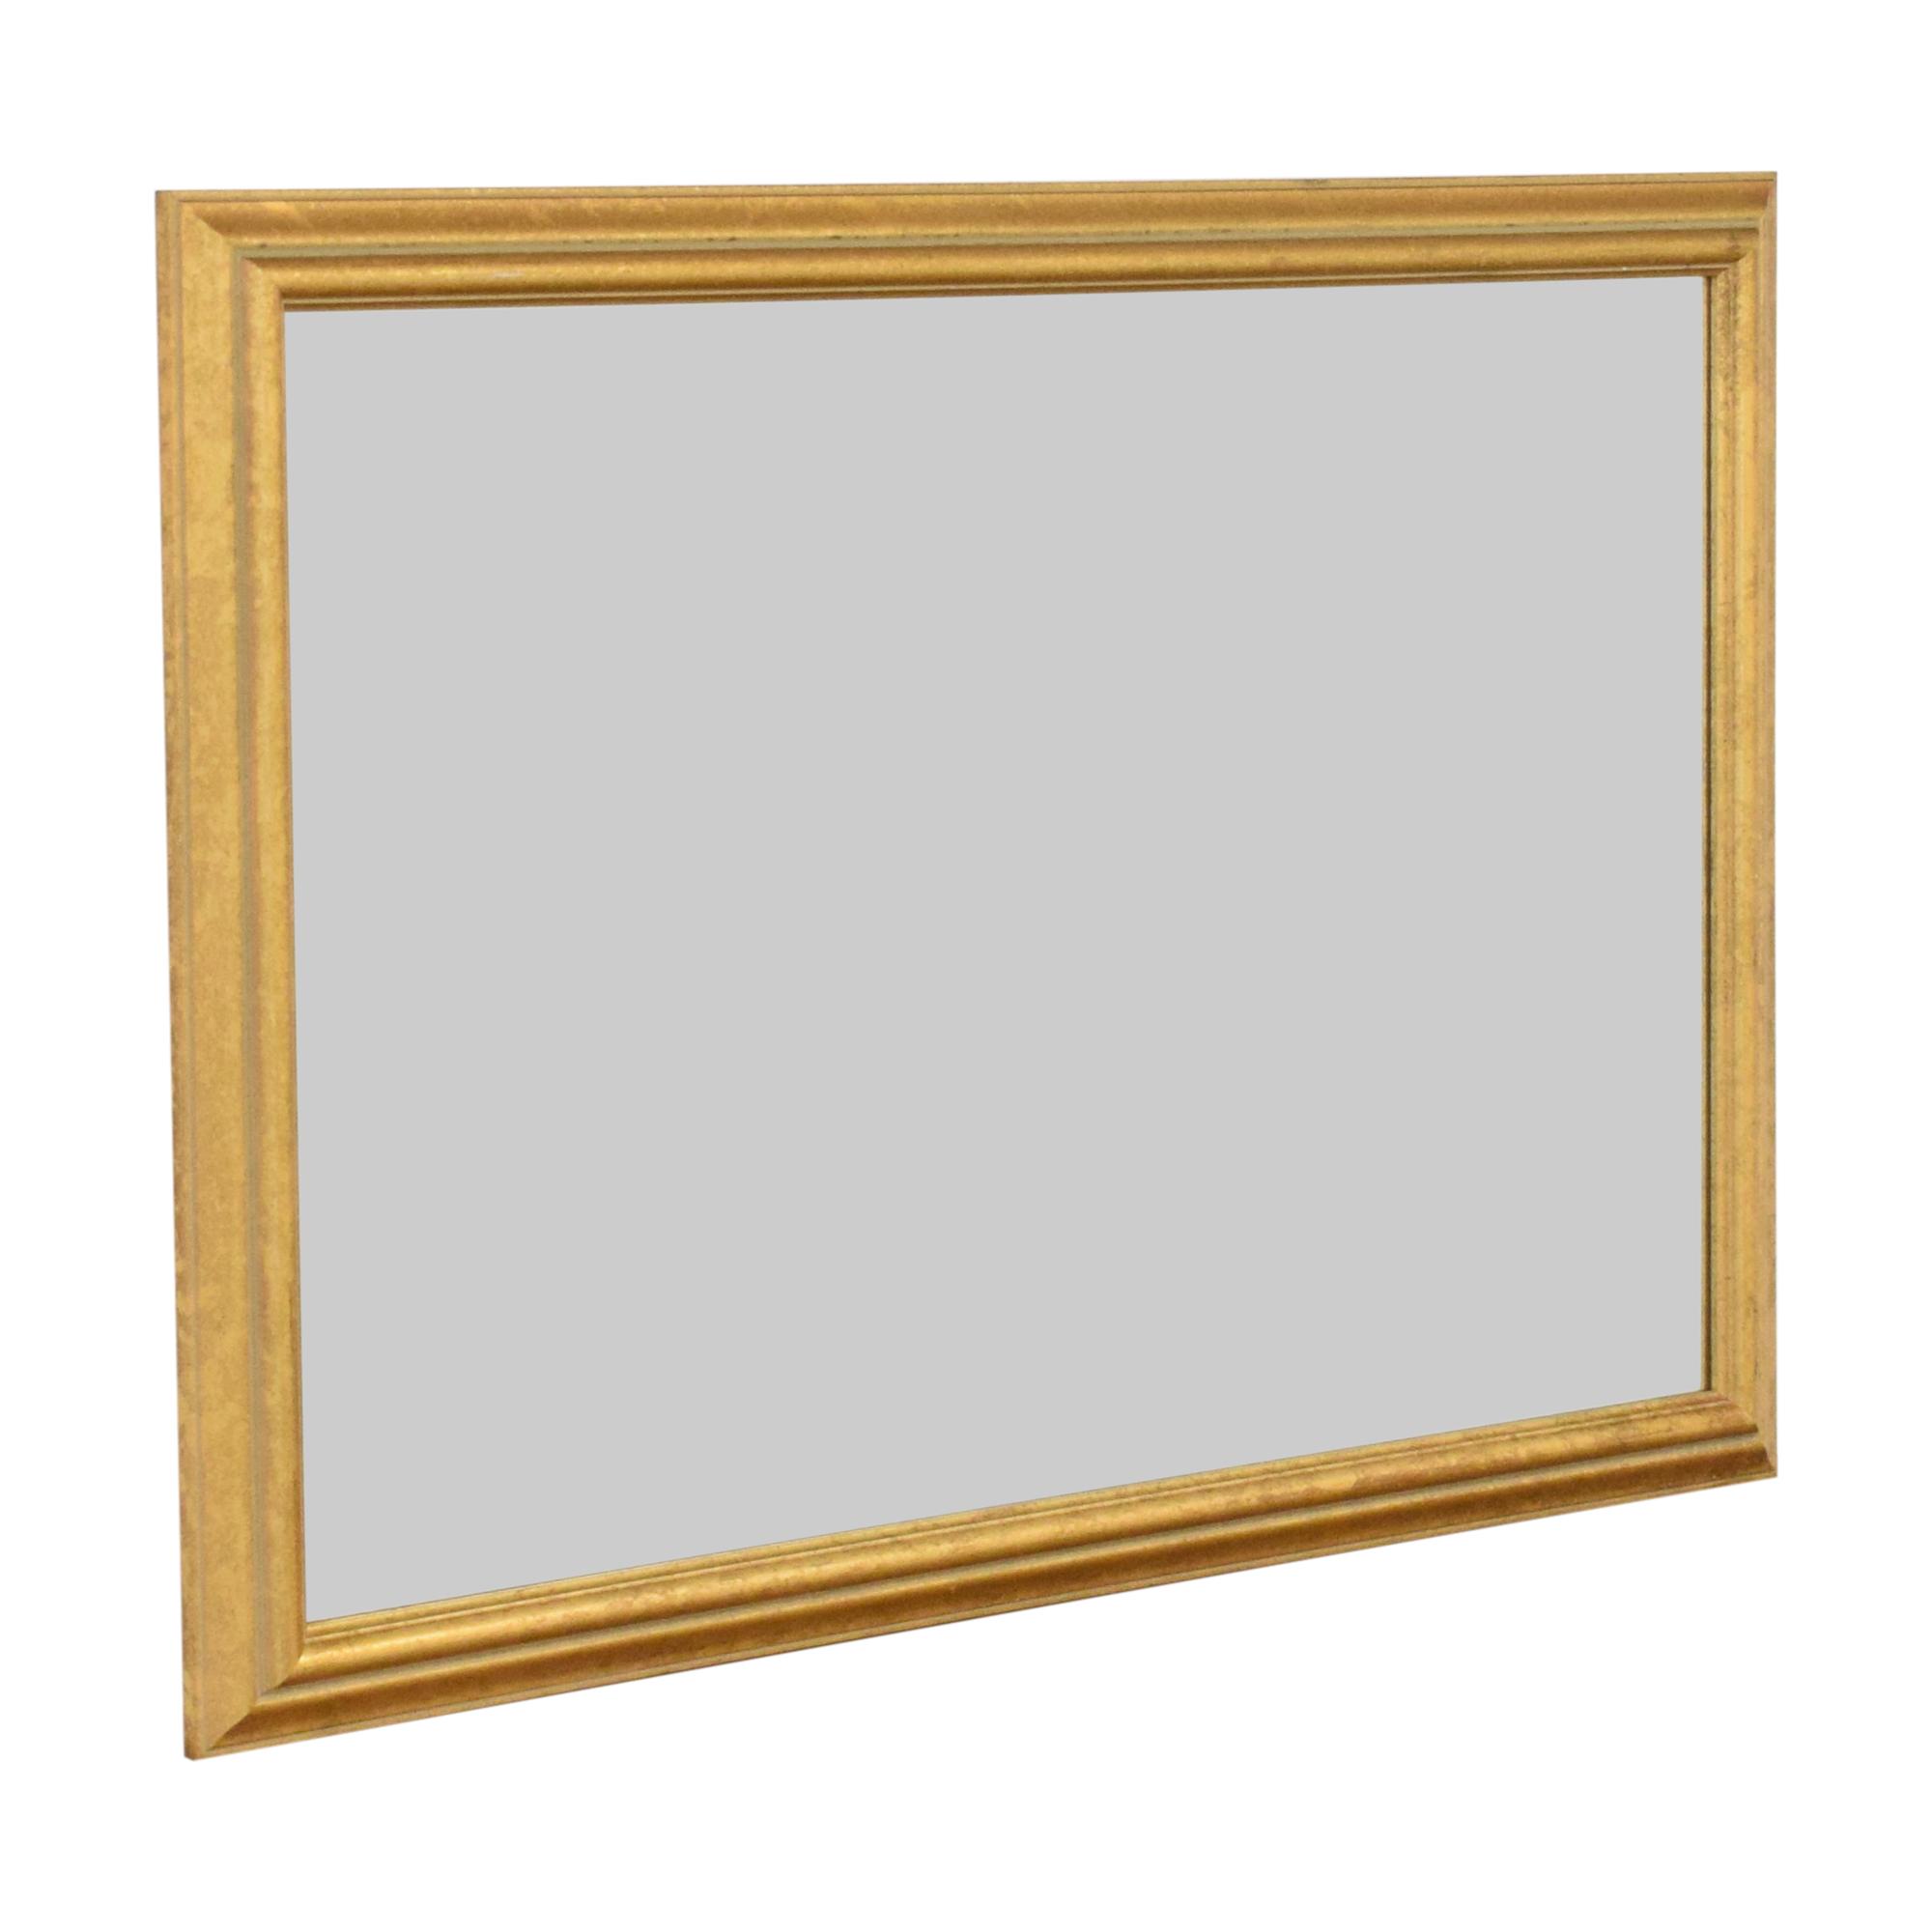 Uttermost Uttermost Framed Wall Mirror dimensions